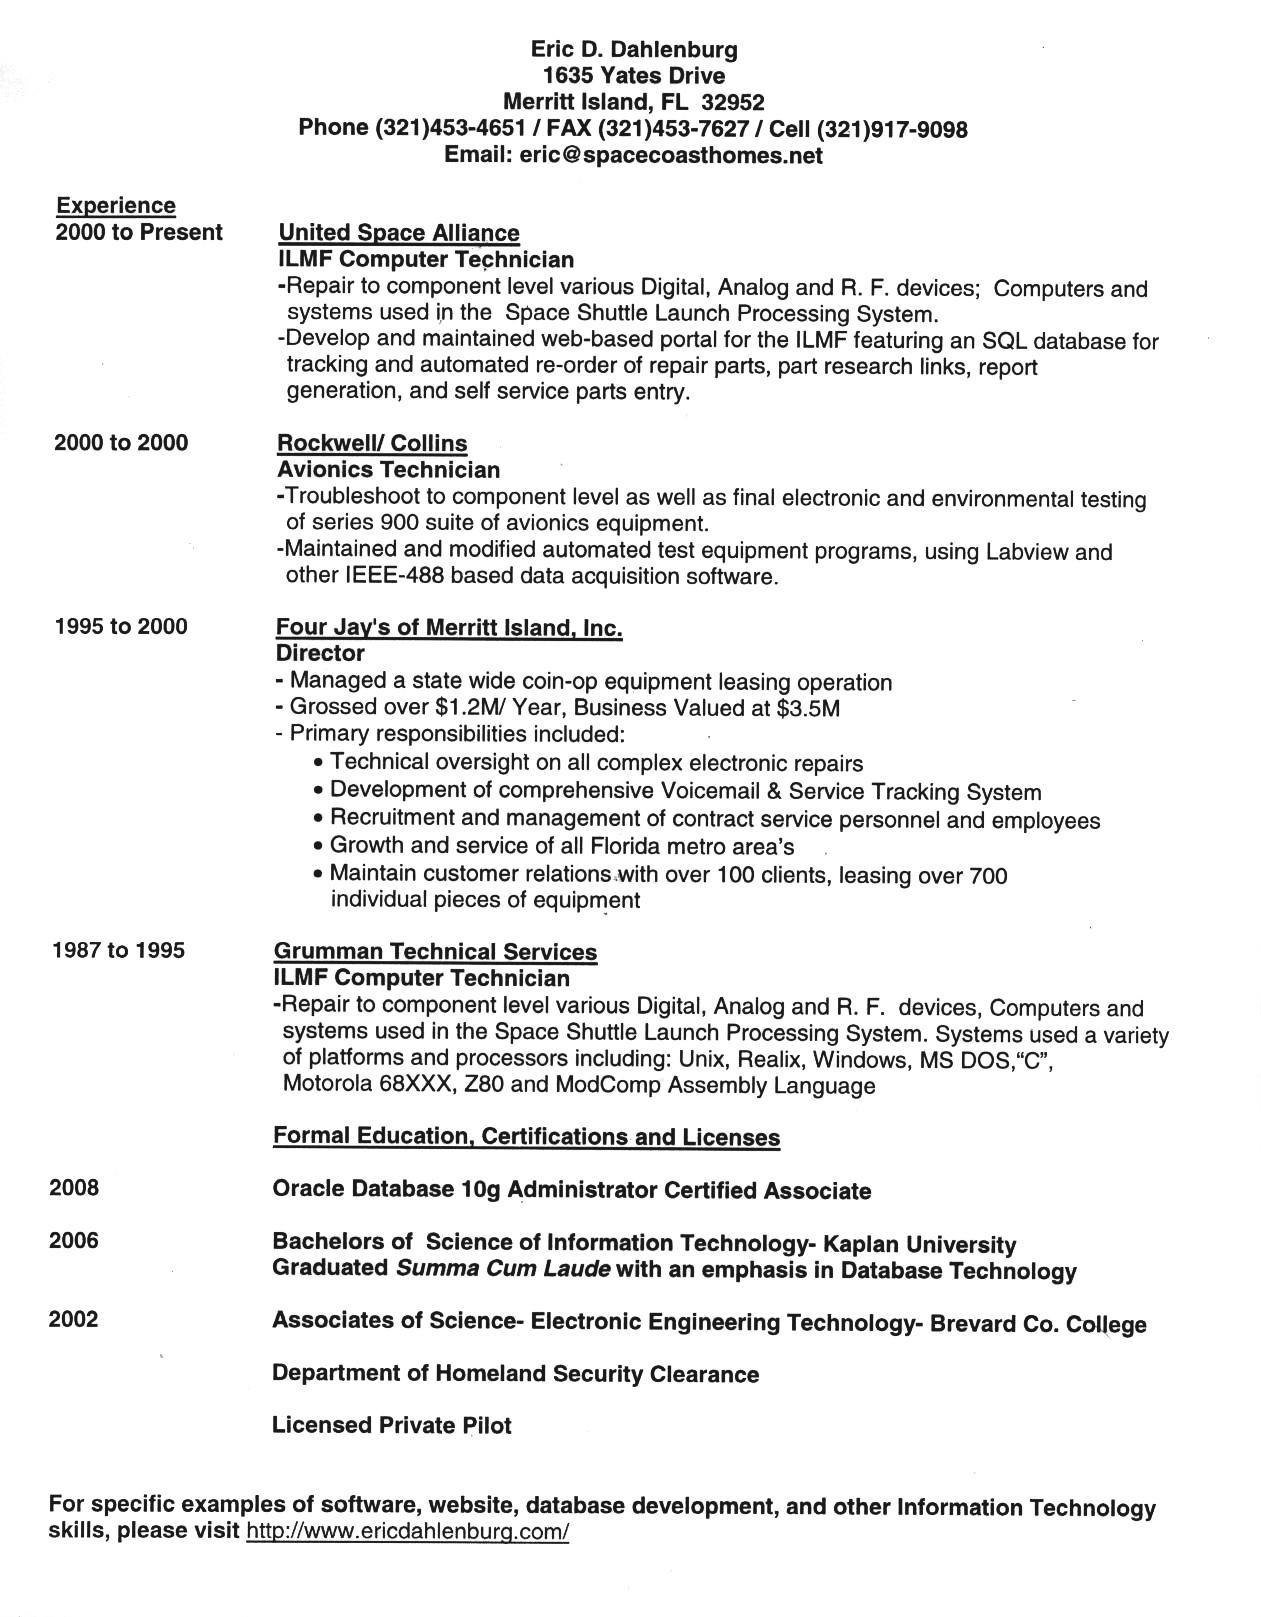 http://spacecoasthomes.net/eric/resume.jpg